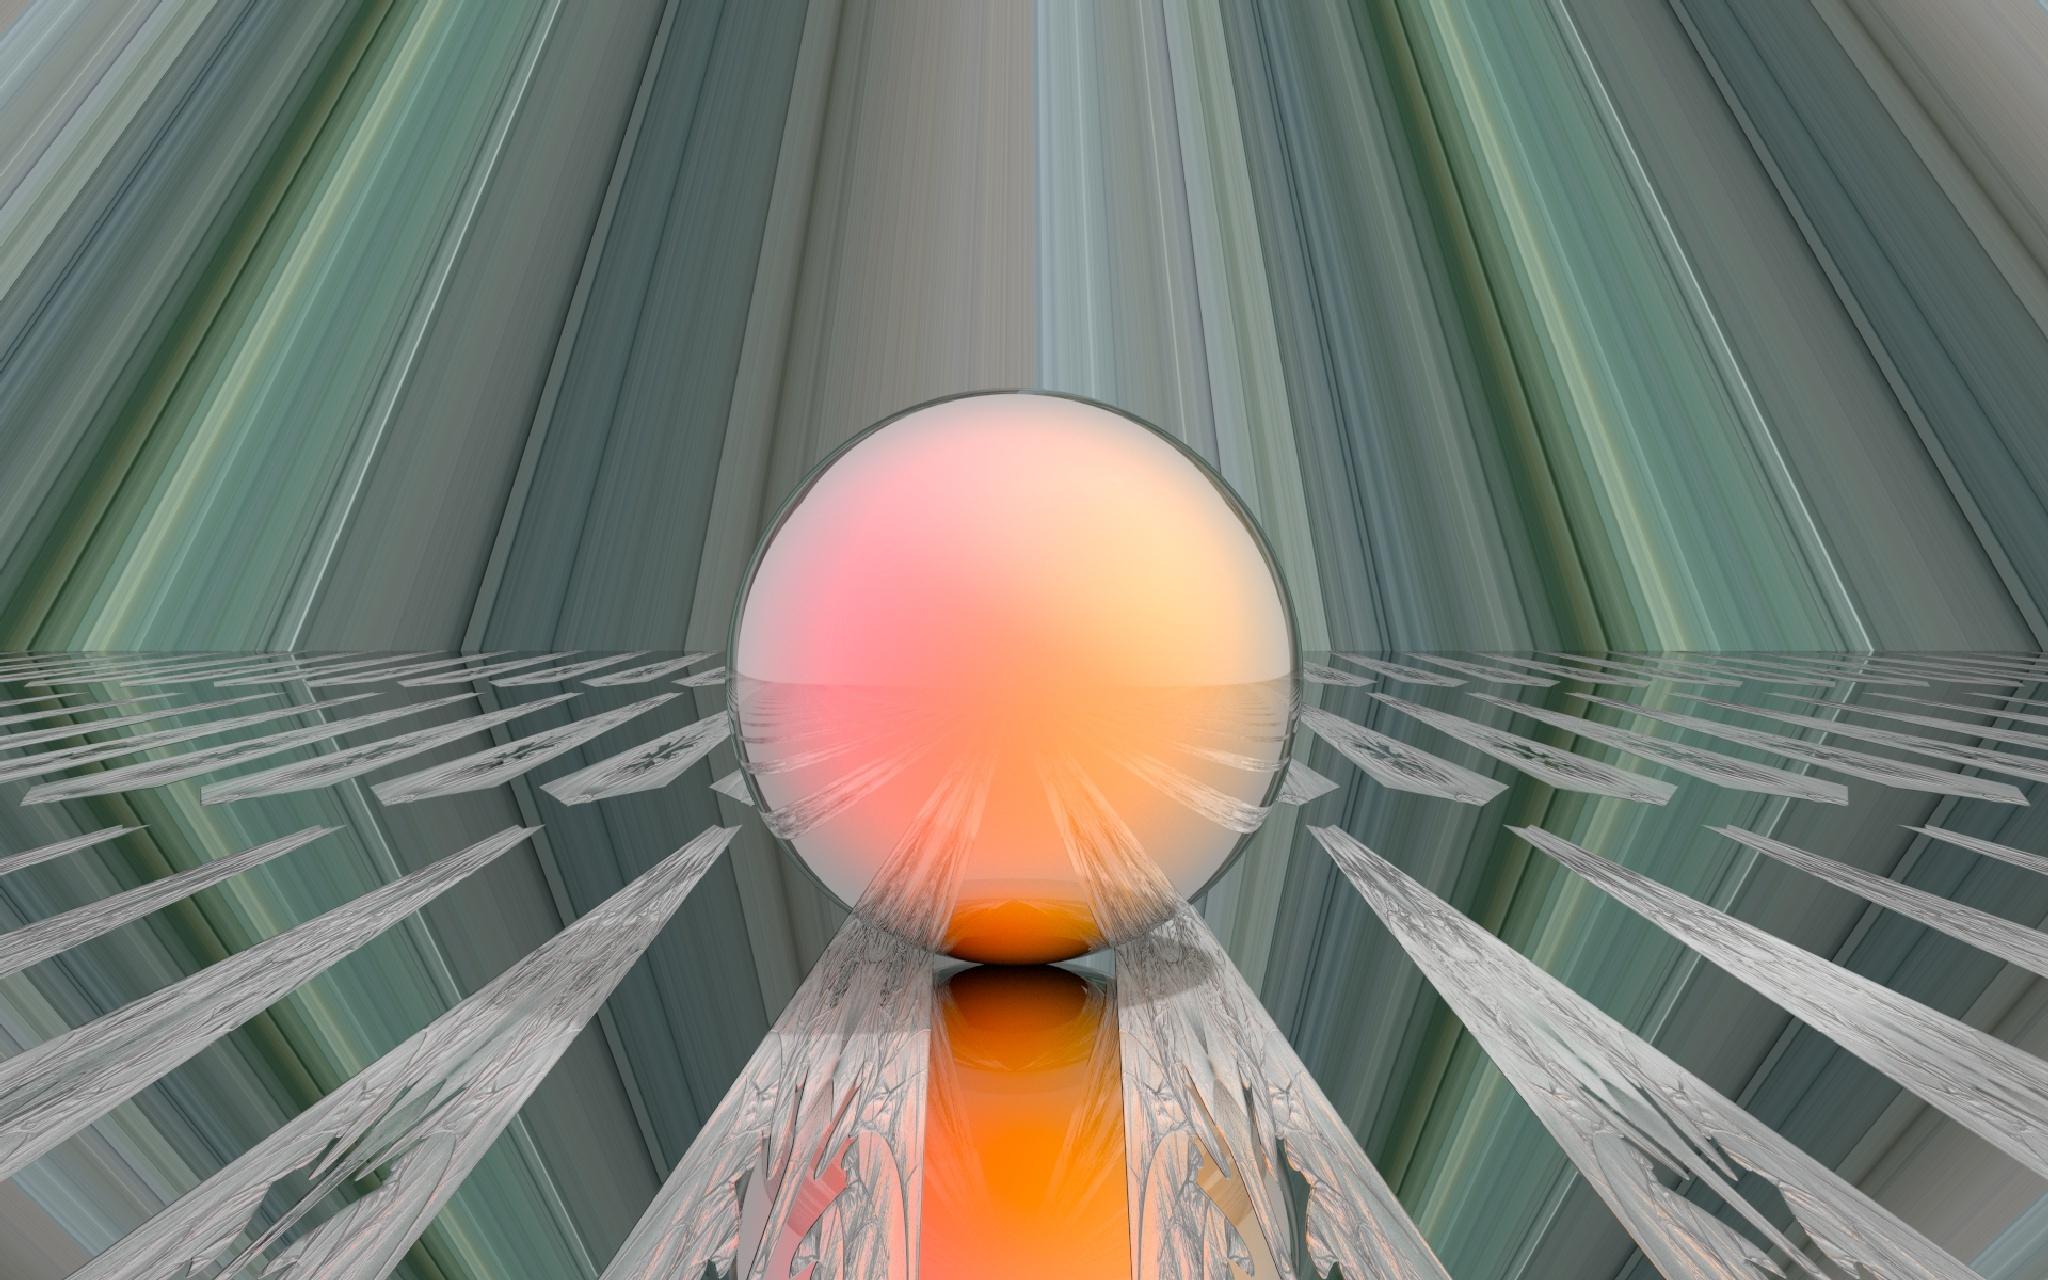 The Magic Orb by Joe-Maccer